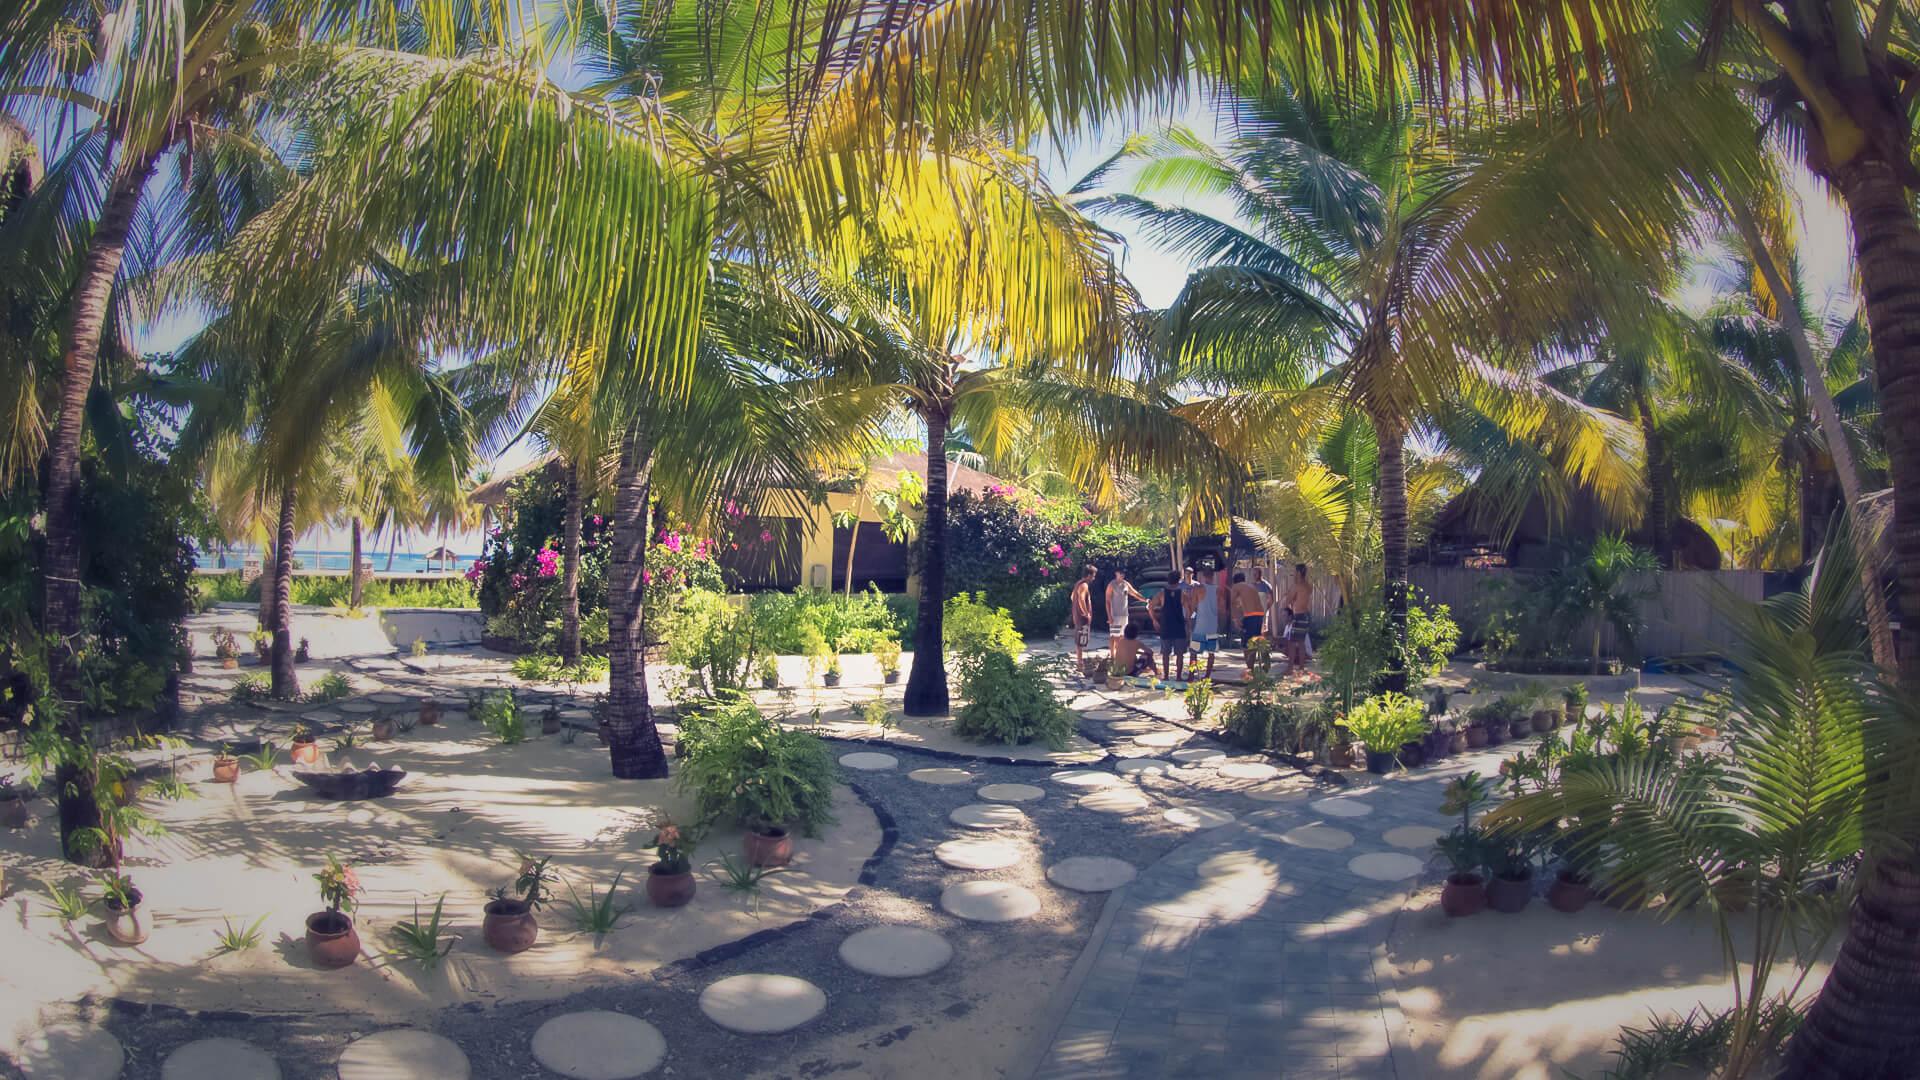 Malole resort